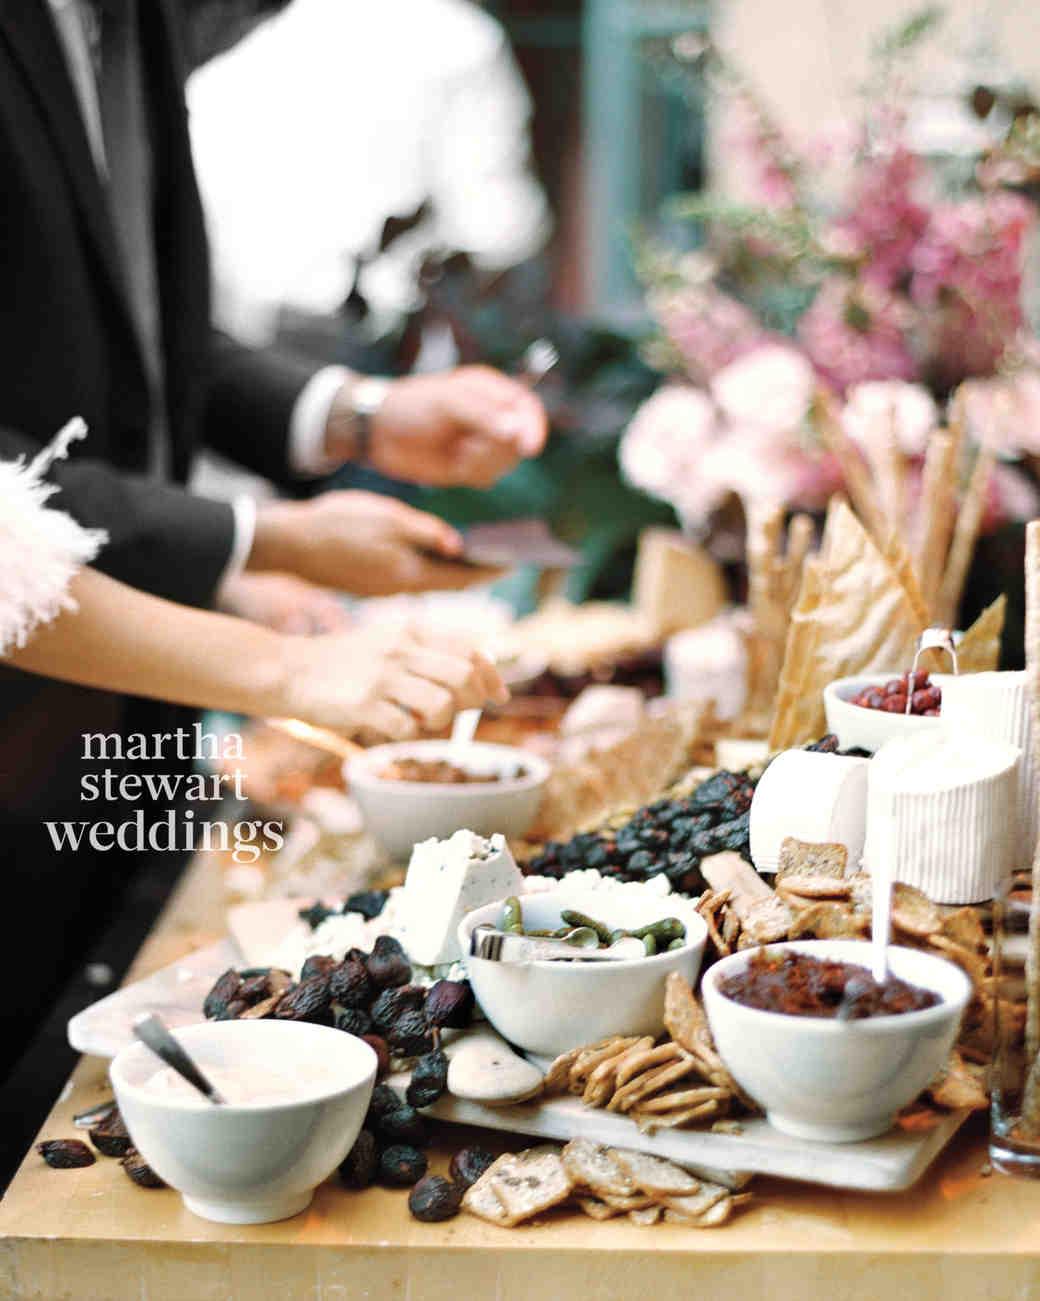 msophia-joel-wedding-los-angeles-290-d112240-watermarked-0915.jpg